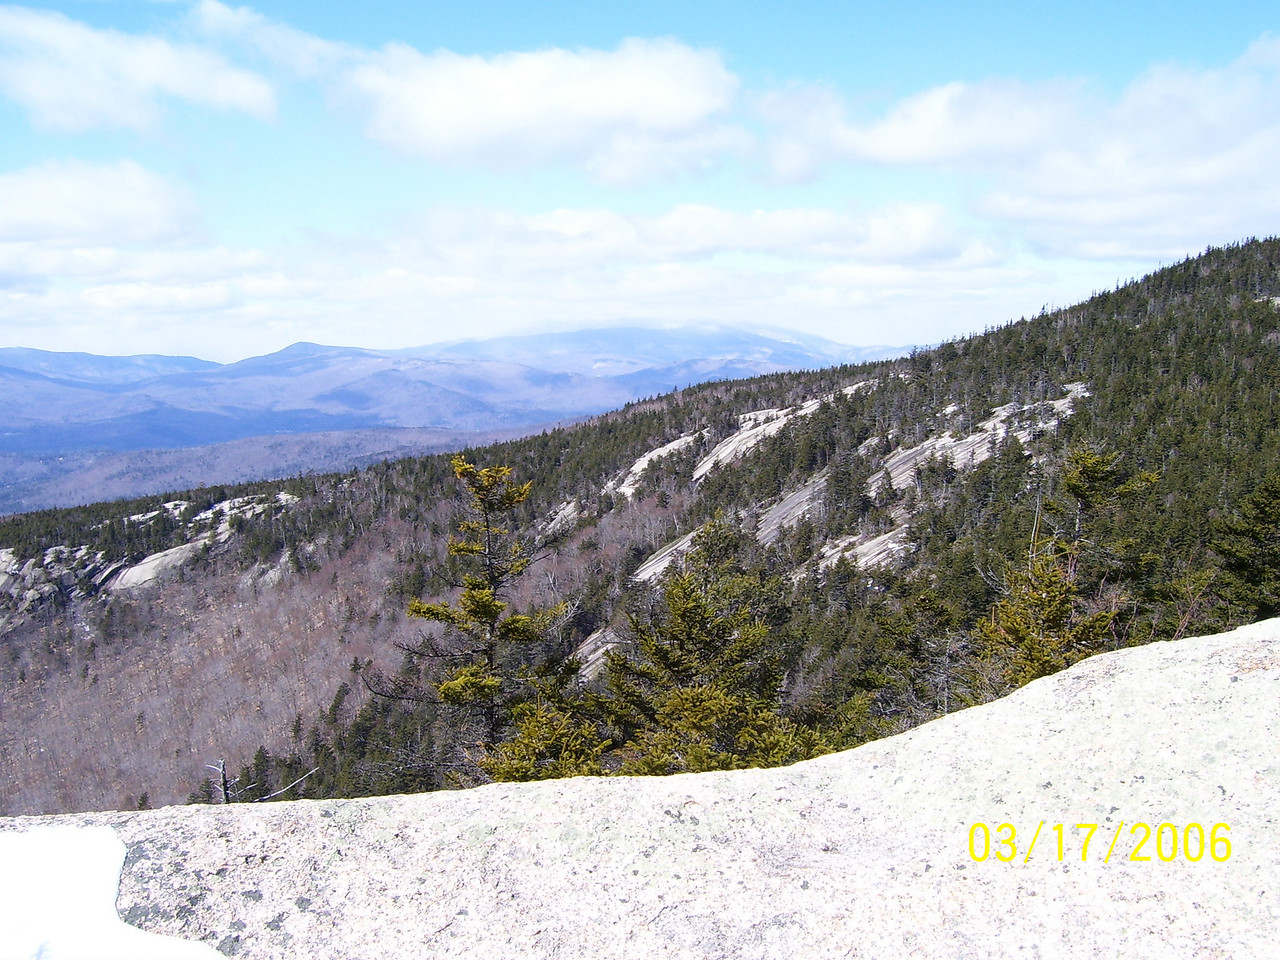 Vista from Mt. Welch